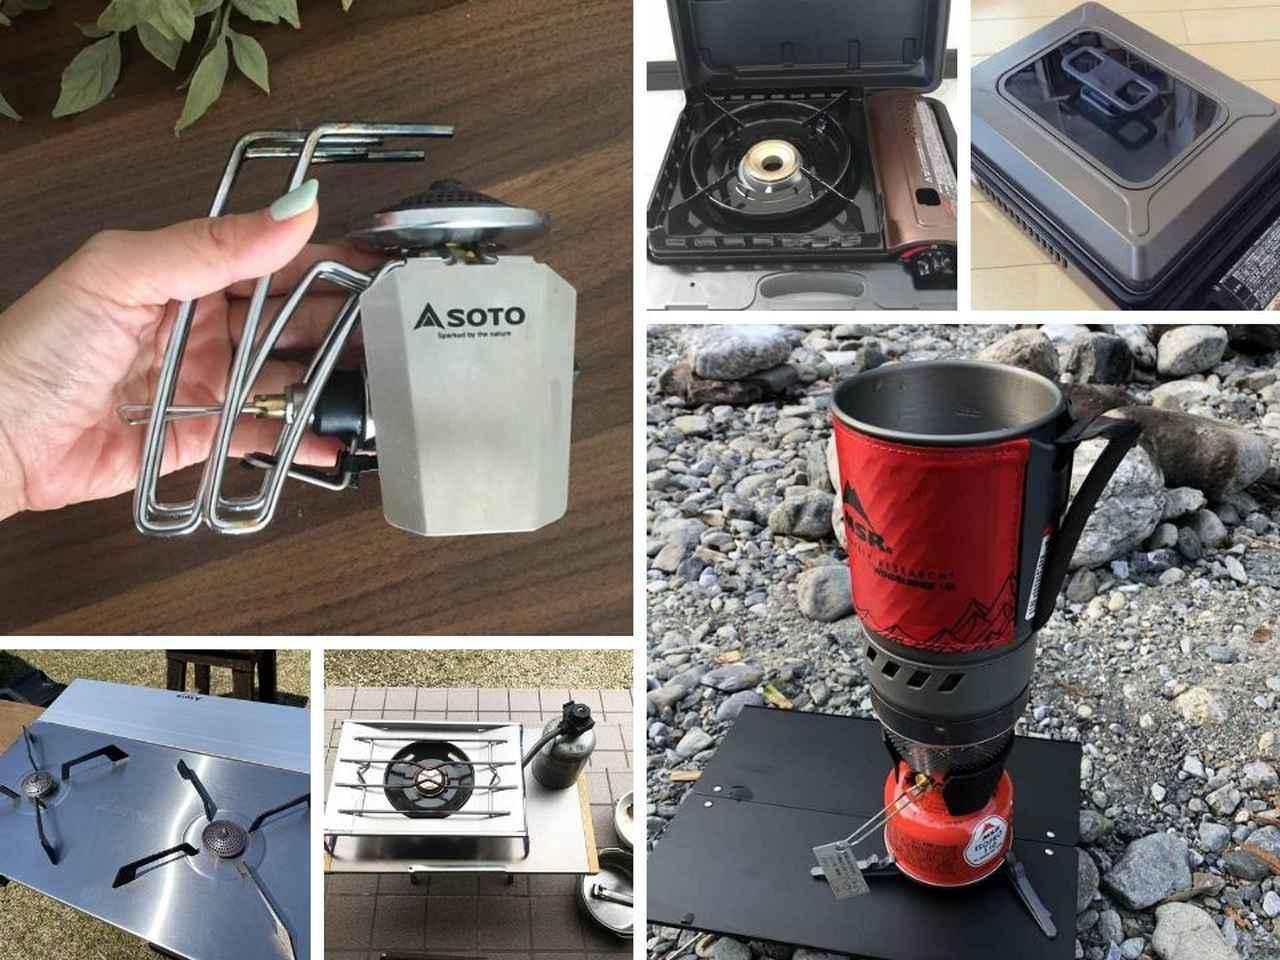 画像: 【まとめ】キャンプ調理用バーナー&カセットコンロのおすすめ9選! SOTO・MSR・スノーピークなど - ハピキャン|キャンプ・アウトドア情報メディア